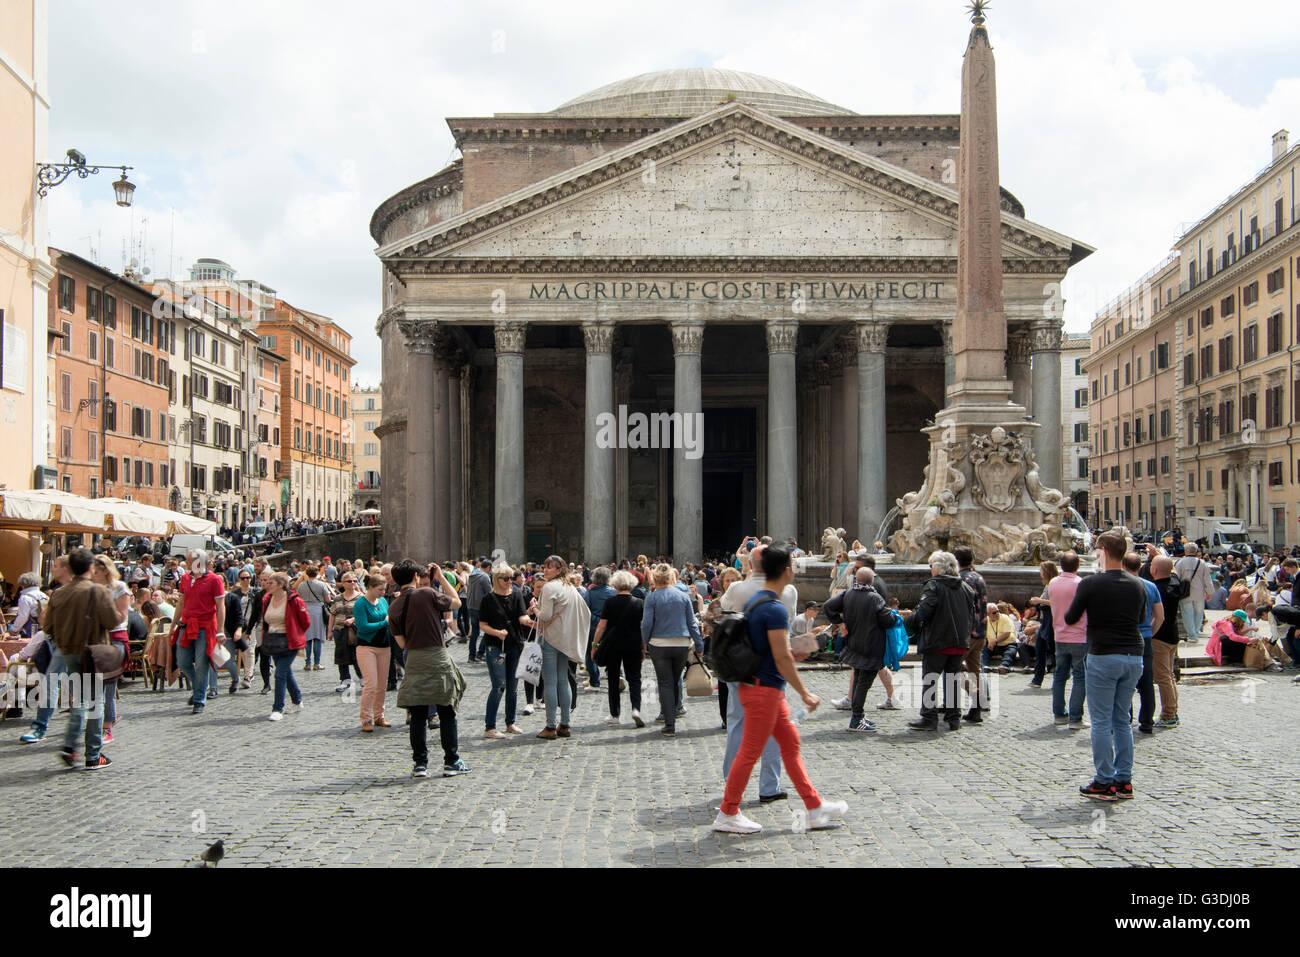 Italien, Rom, Fassade des Pantheons (La Rotonda), ein antikes Bauwerk und seit 609 n. Chr. eine Kirche. - Stock Image